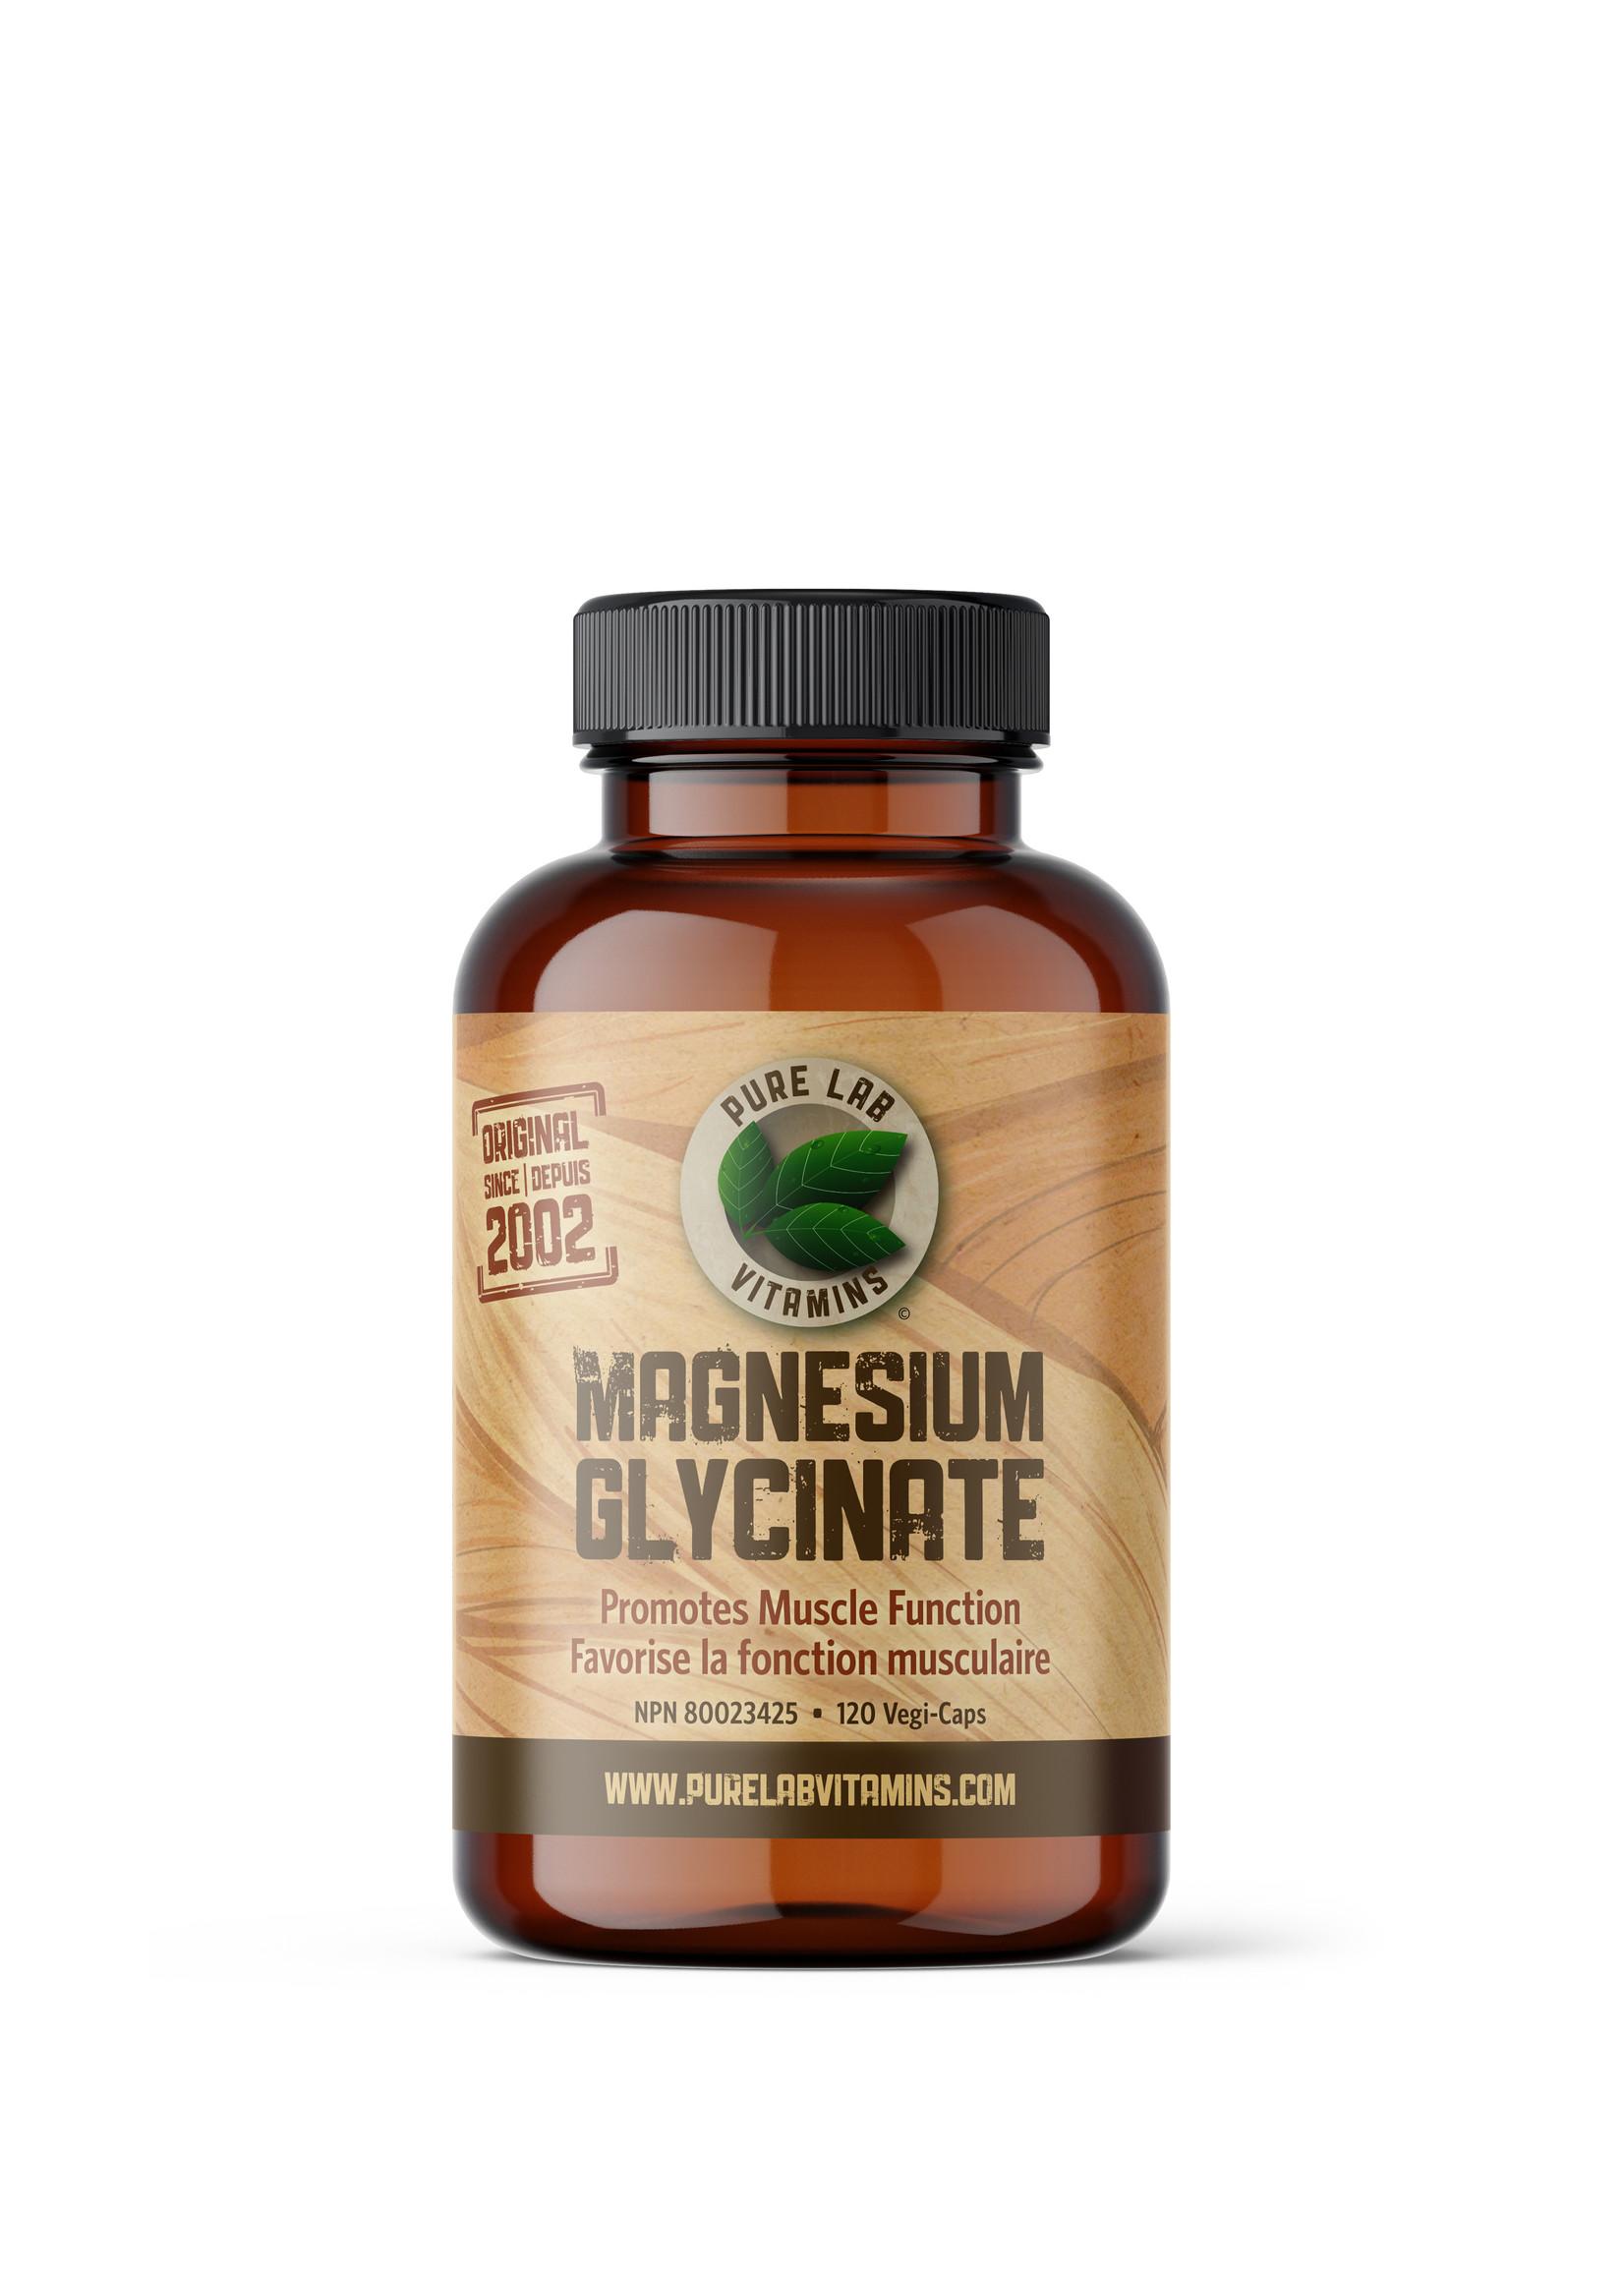 Pure lab Pure Lab Magnesium Glycinate